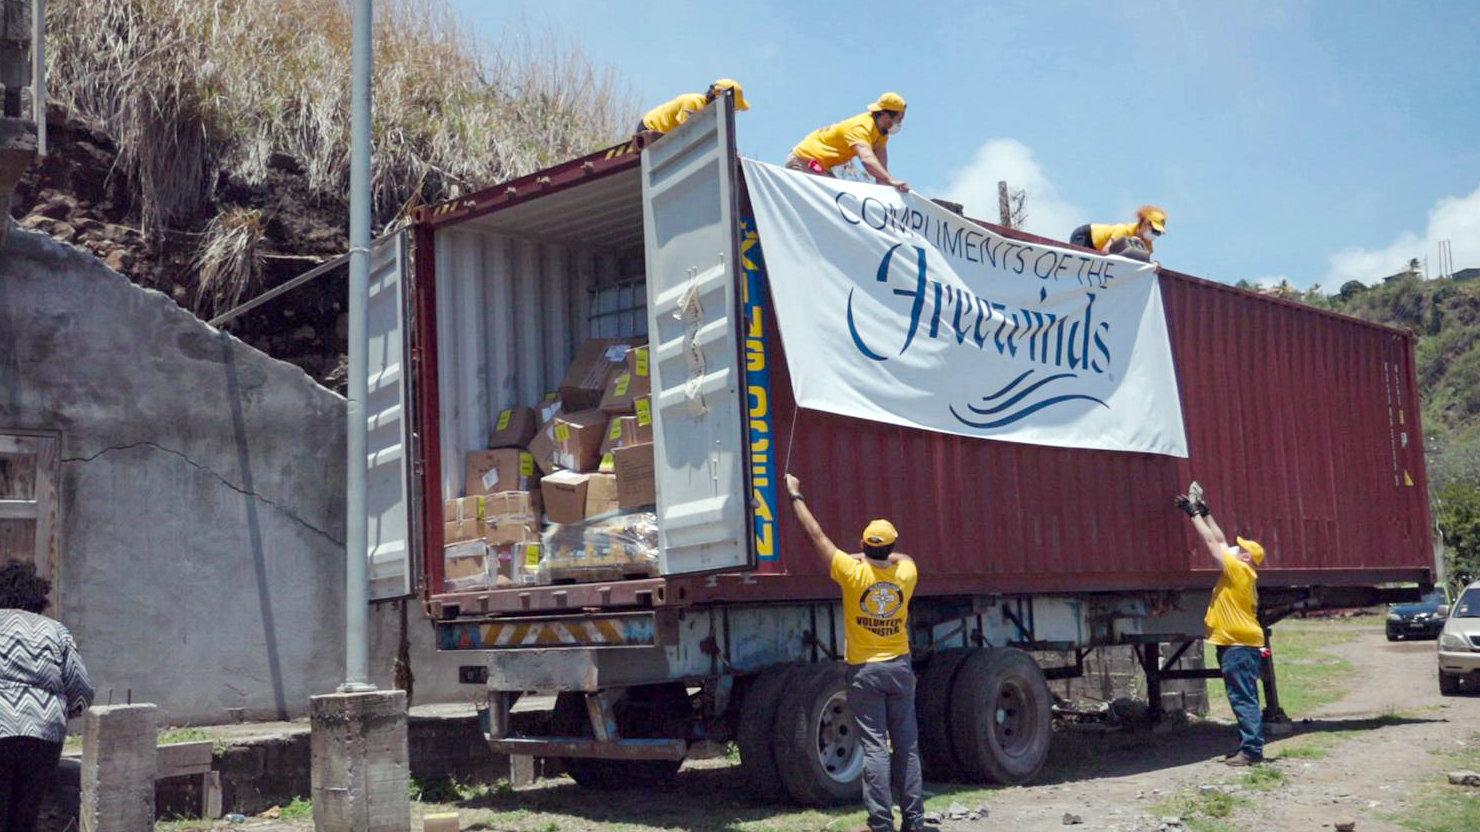 Μια ομάδα των VM ξεφορτώνει ένα κοντέινερ με ζωτικές προμήθειες, τις οποίες έστειλε το Freewinds στο νησί χάρη στην υποστήριξη του IAS.